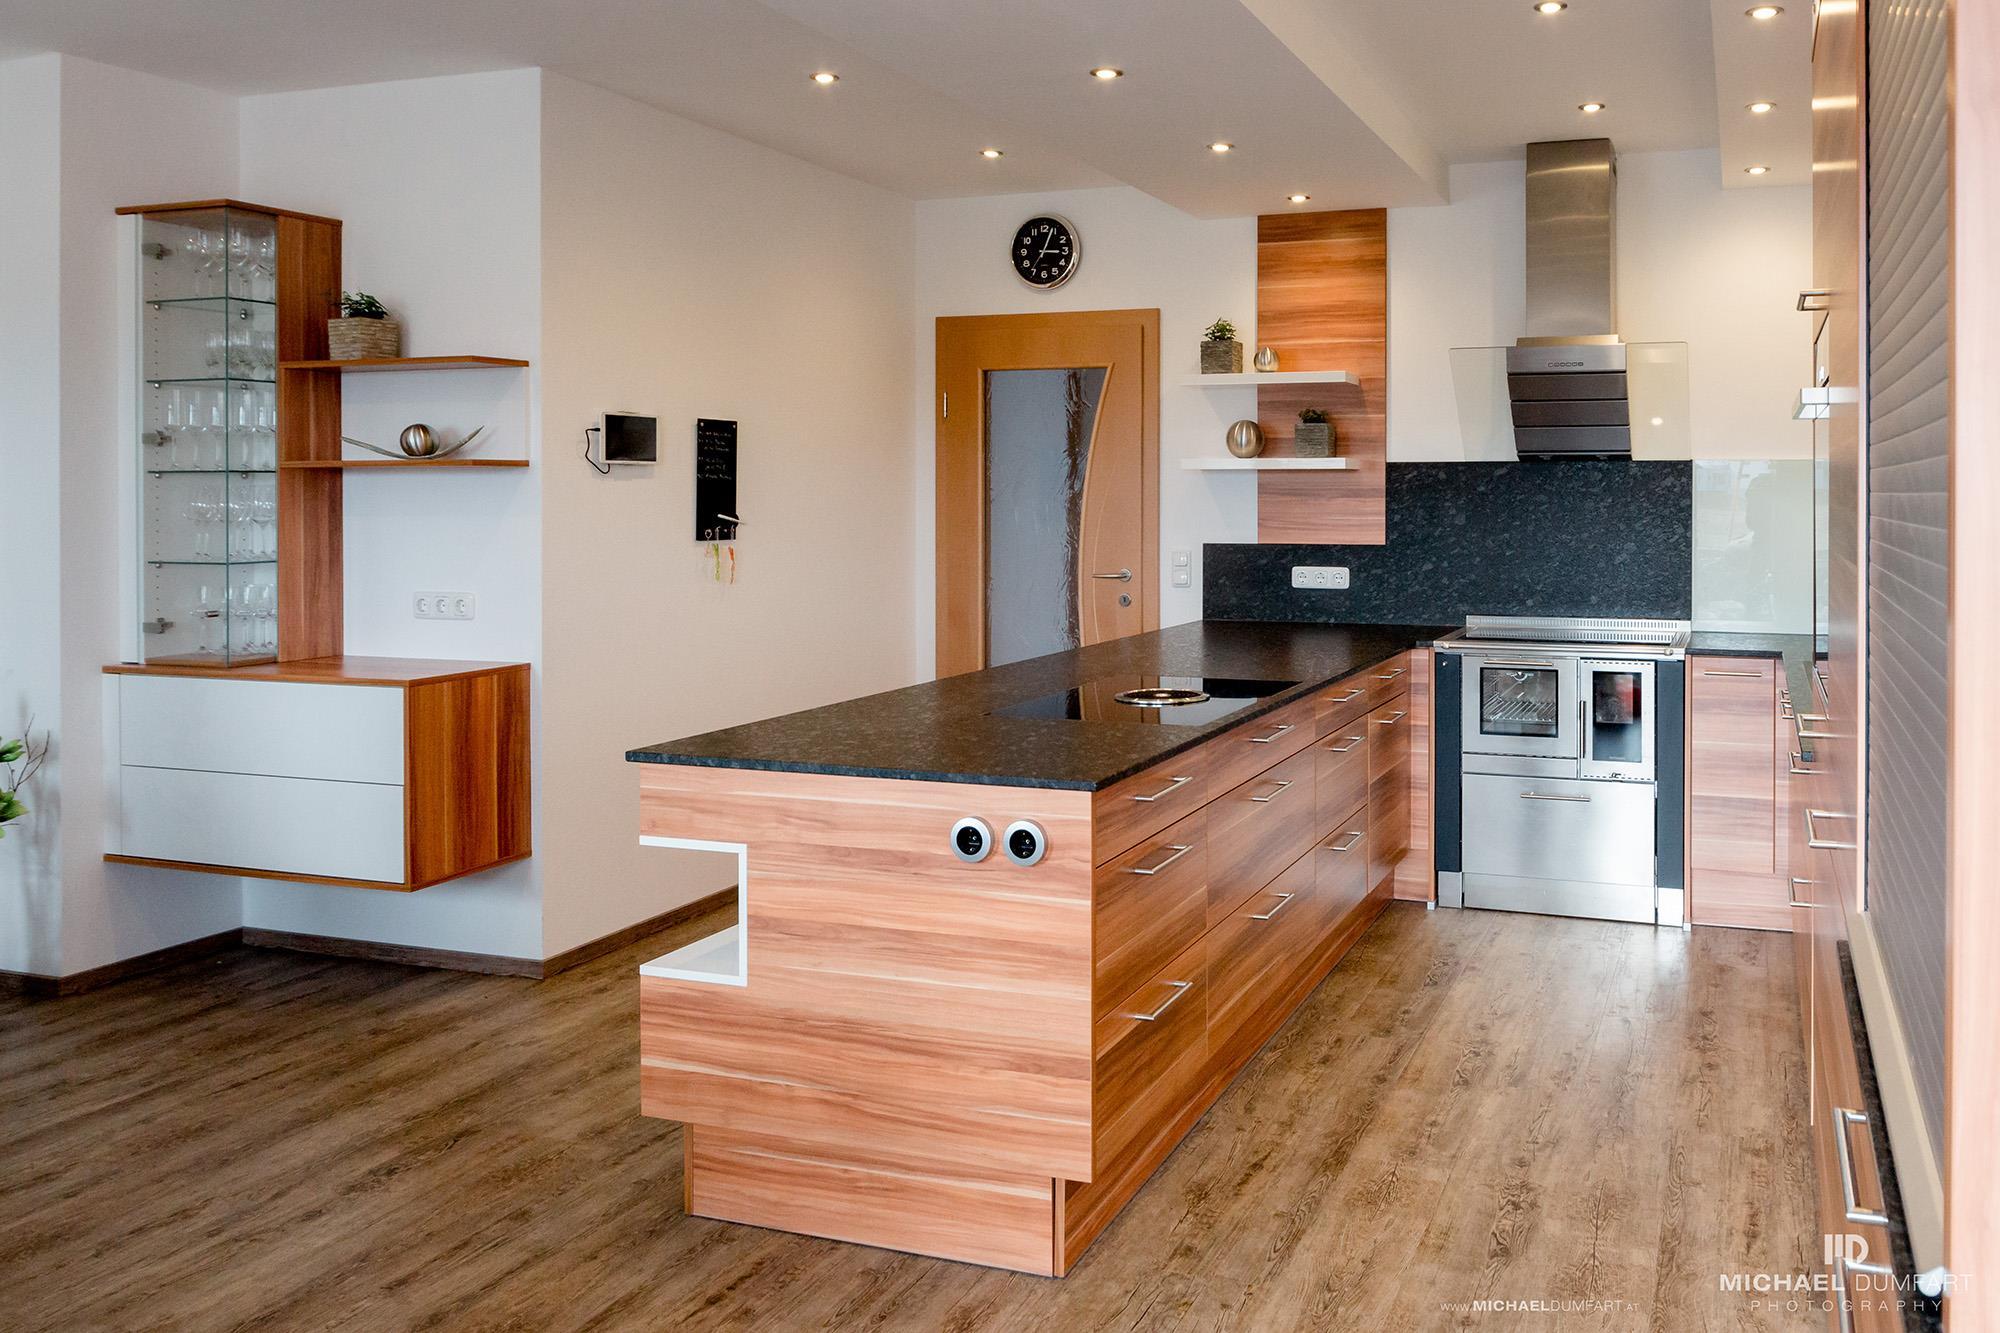 maßgeschneiderte Küchenmöbel